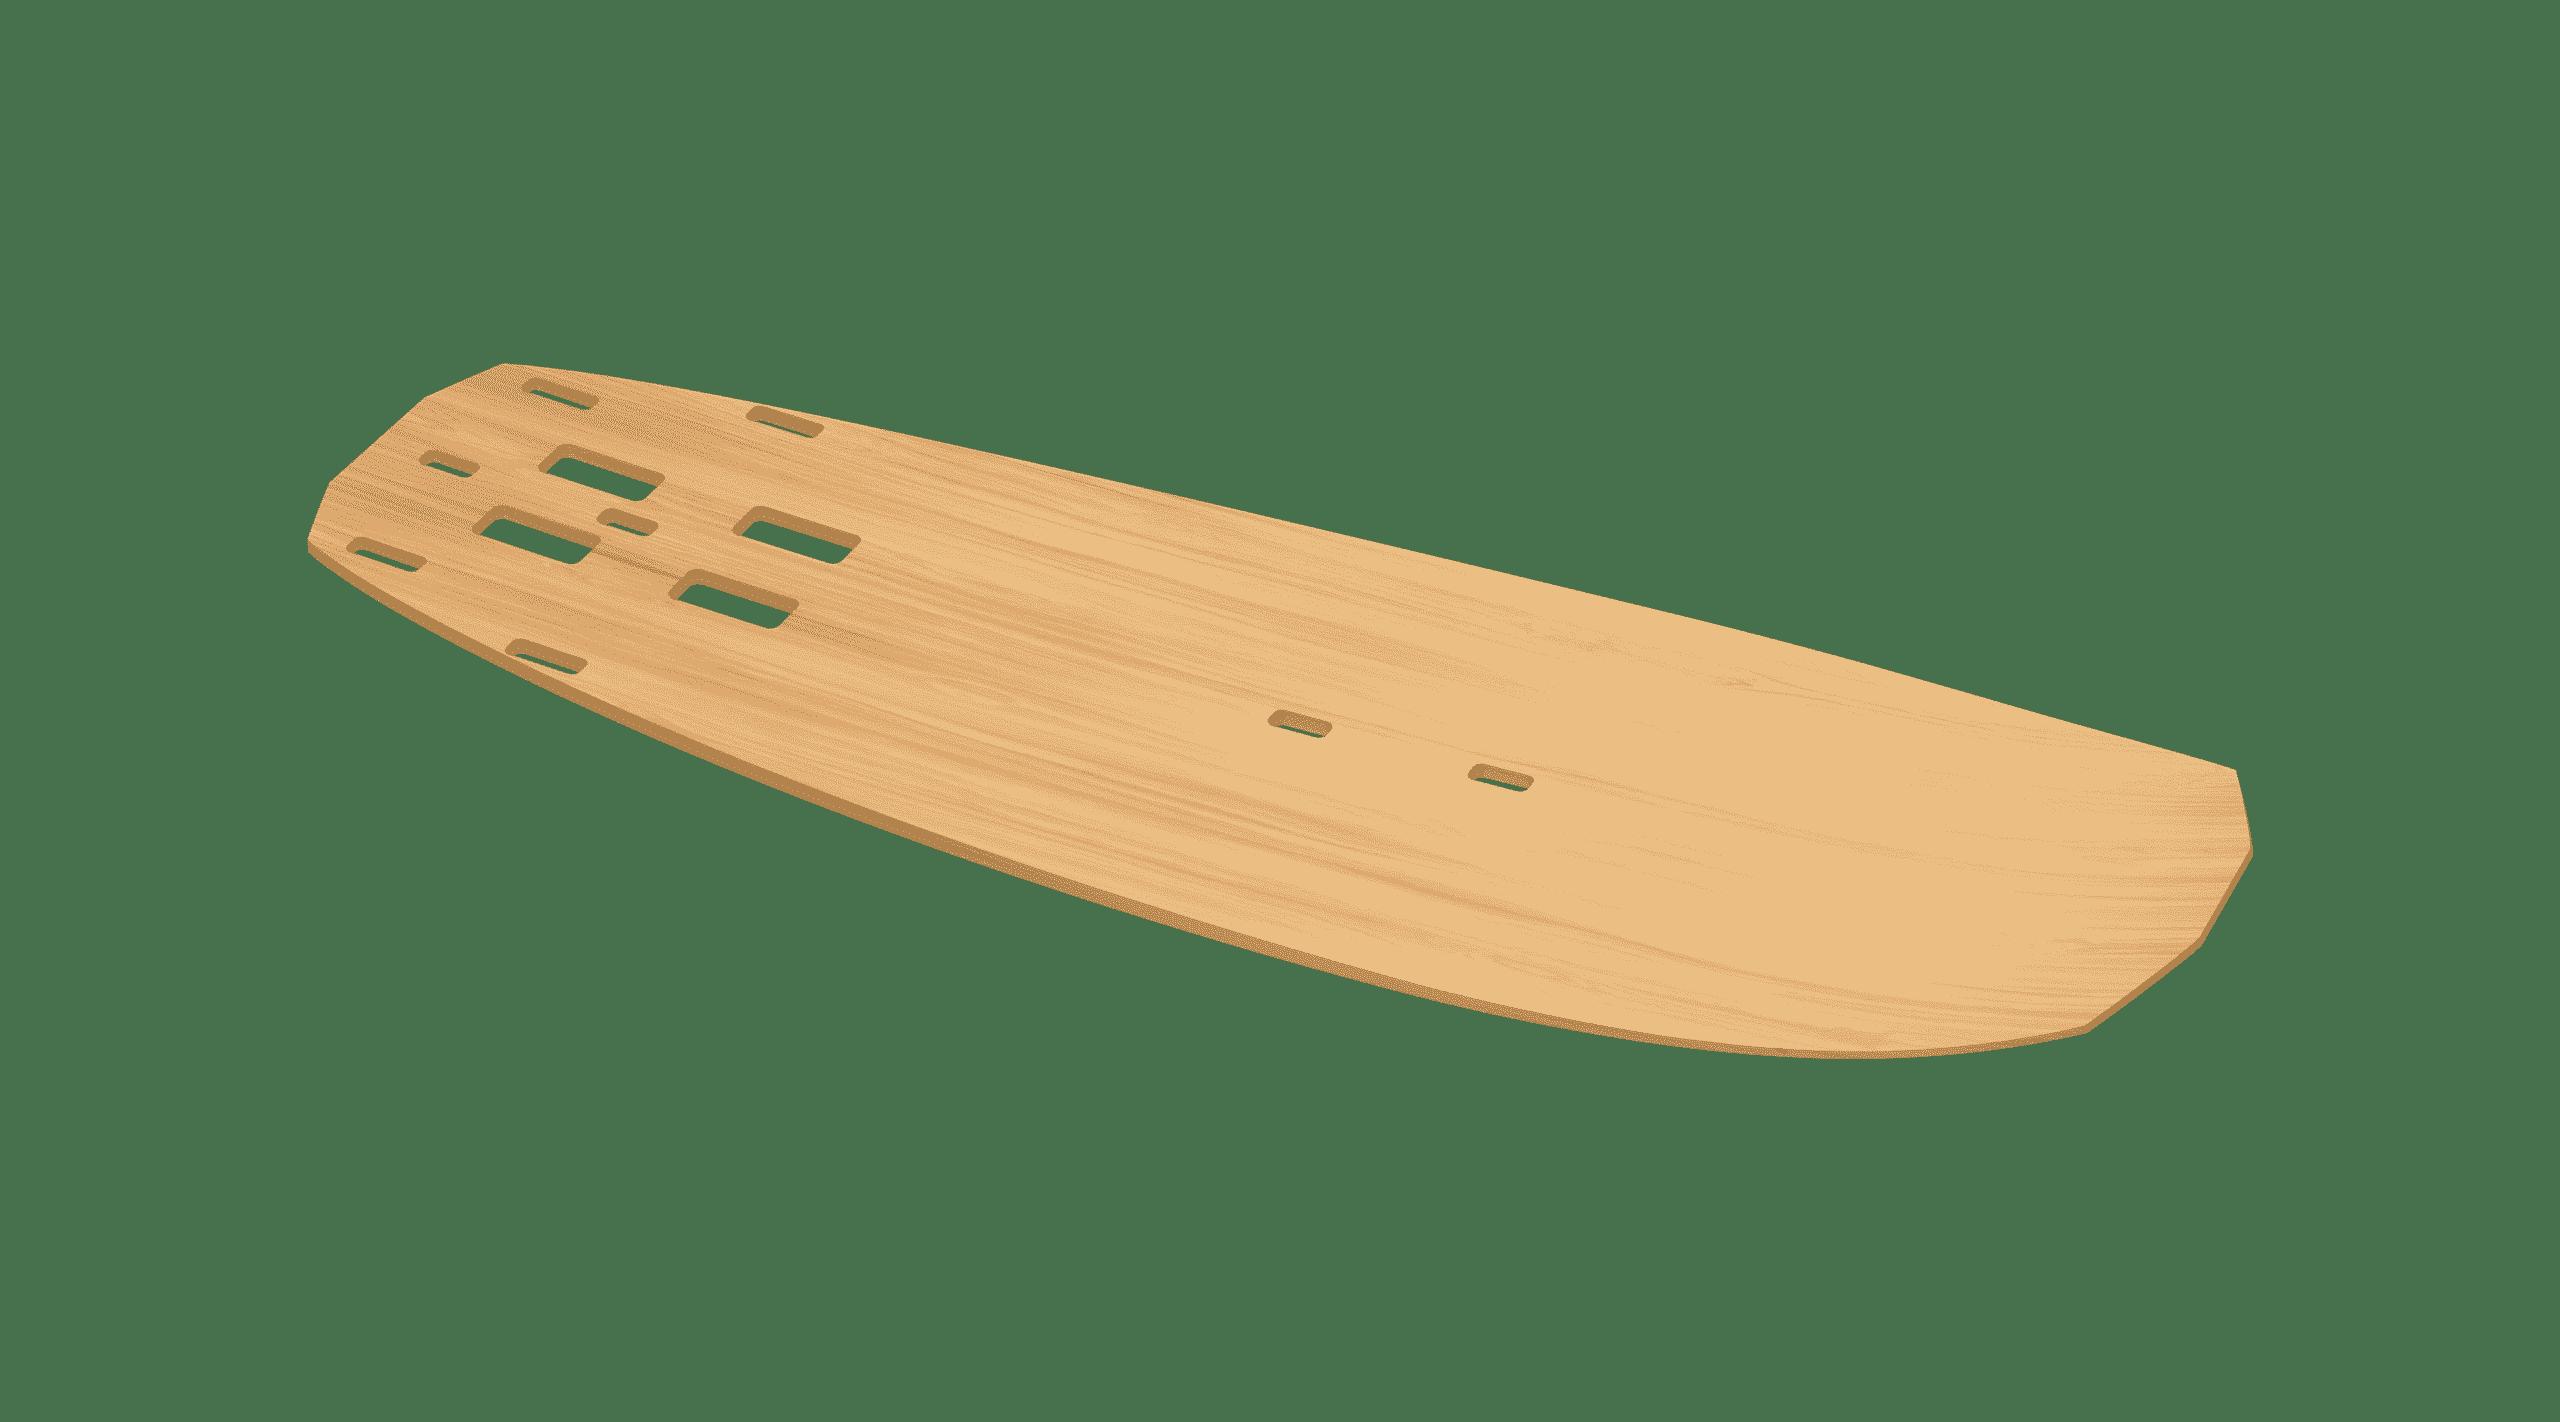 Foil Skate 7